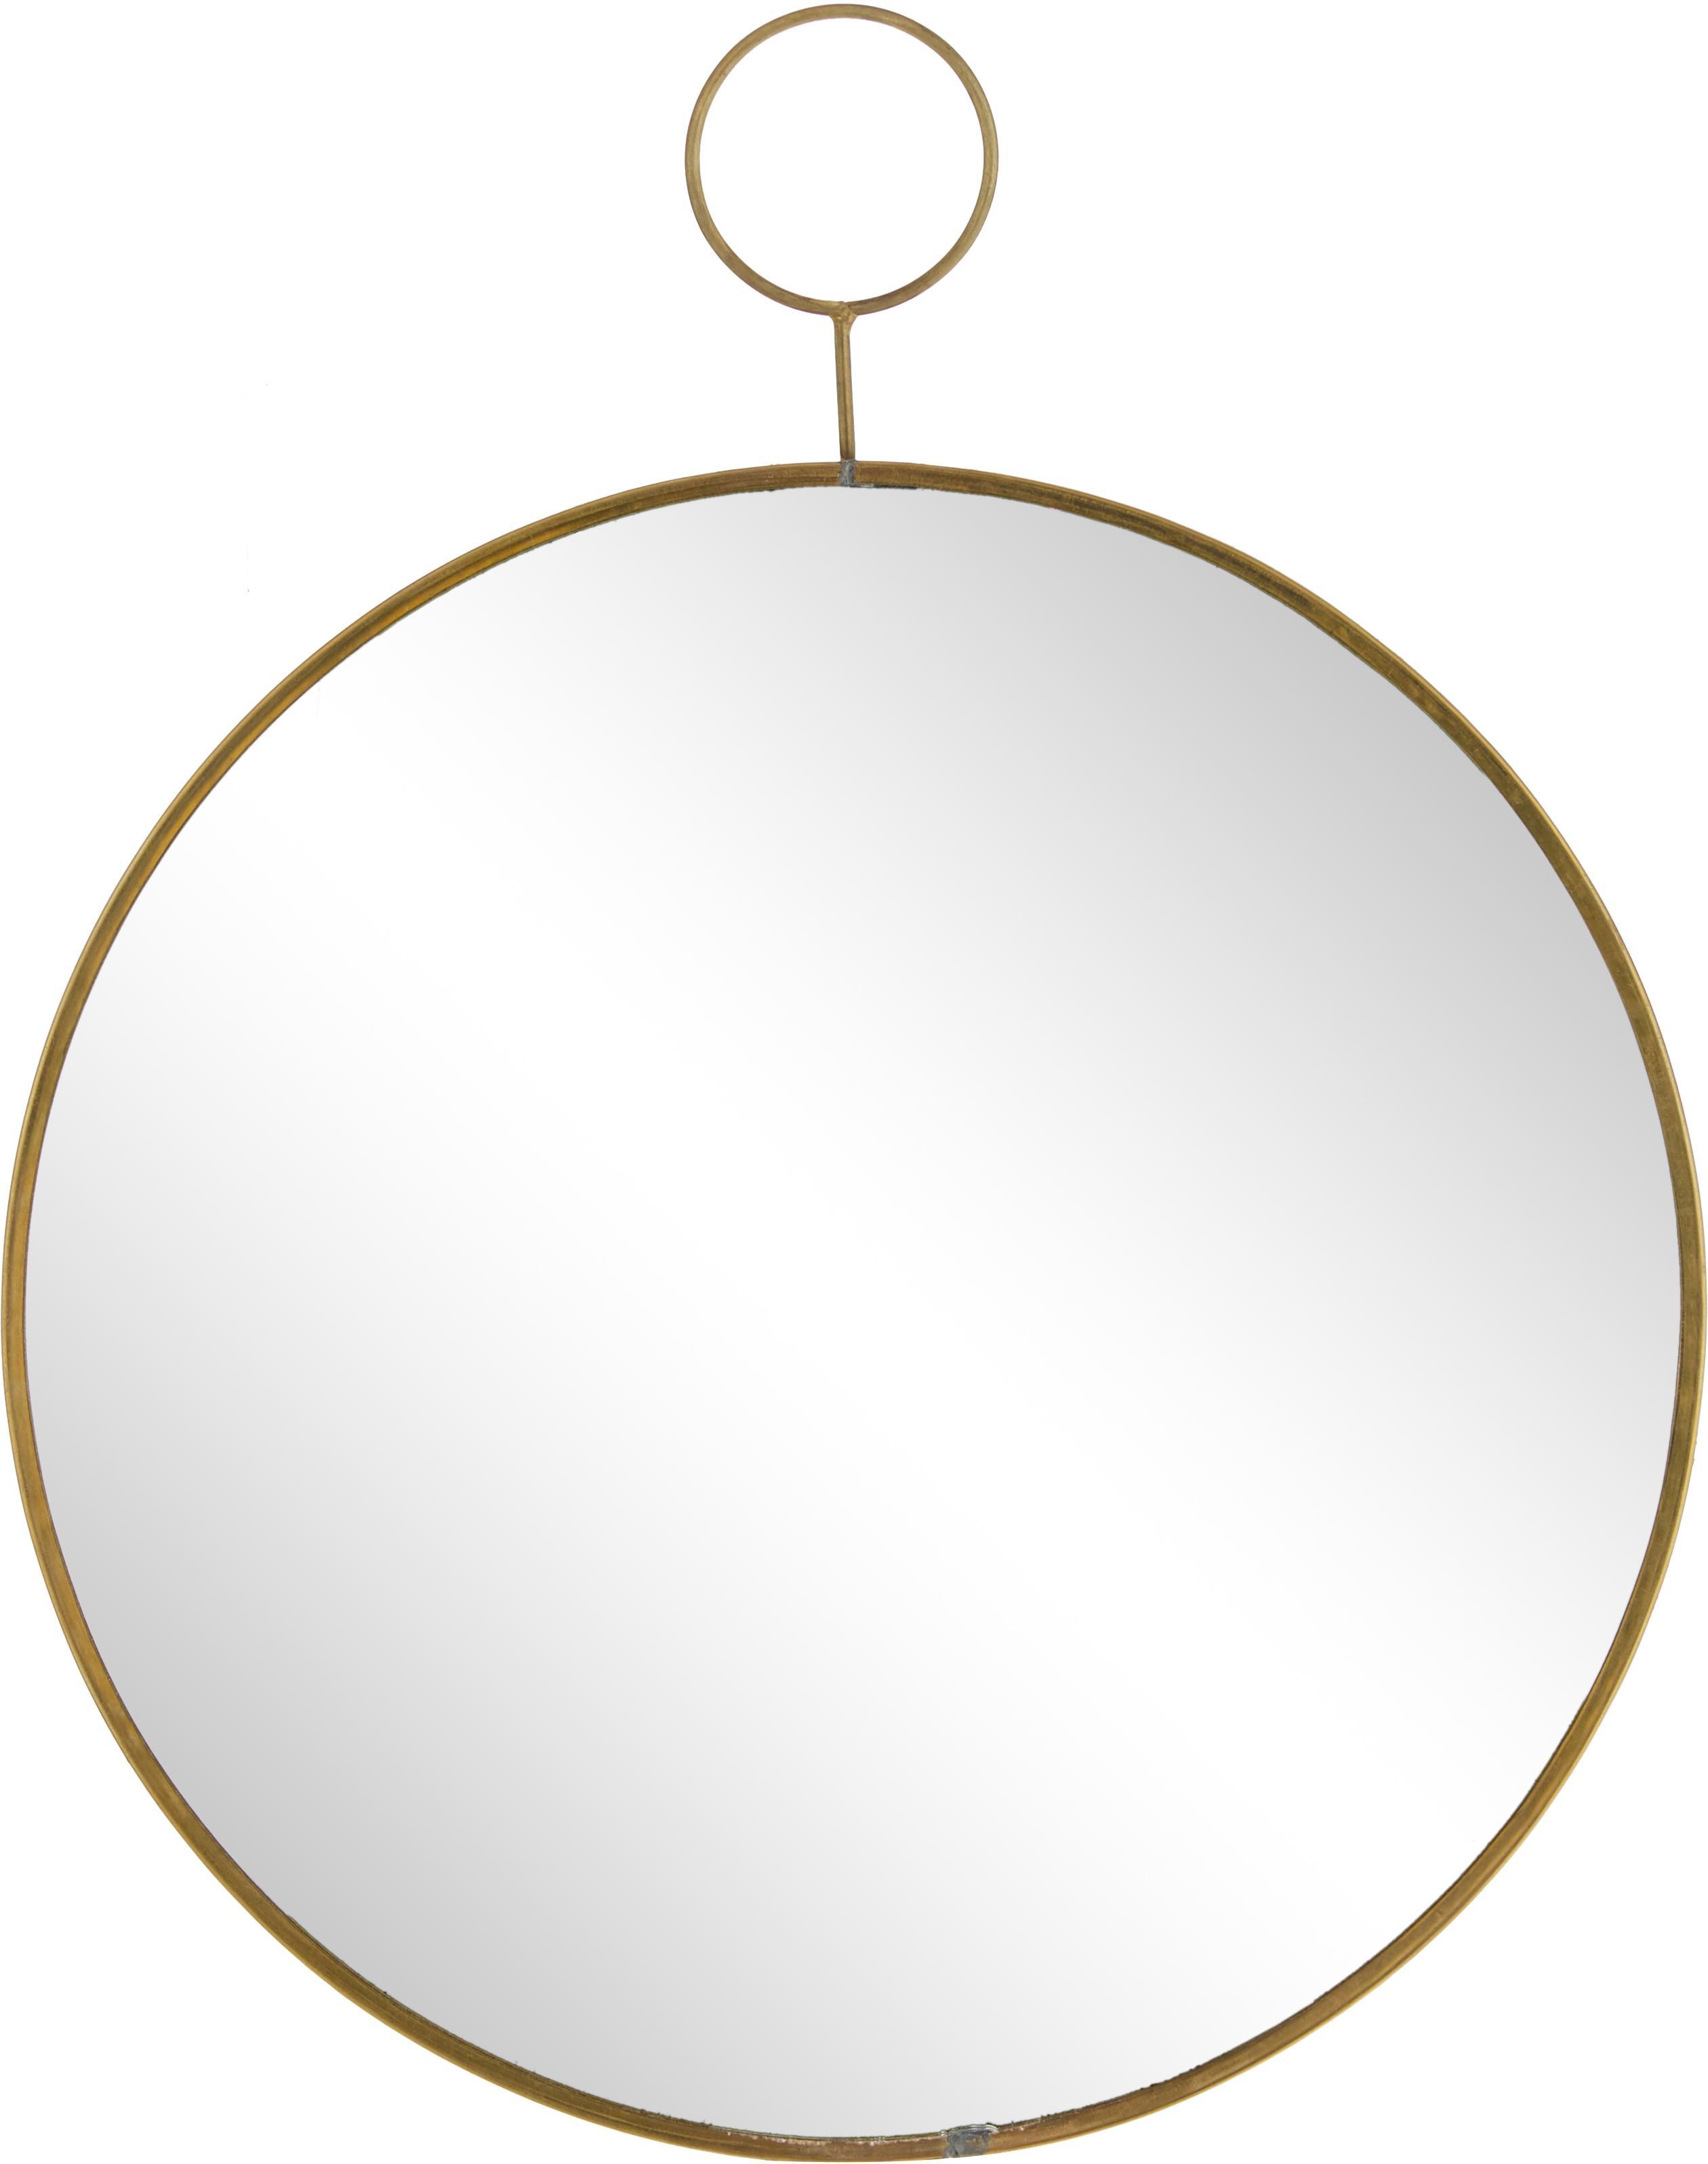 Wandspiegel Loop, Rand: metaal met bewust aangebr, Rand: messingkleurig. Spiegelvlak: spiegelglas, Ø 32 cm